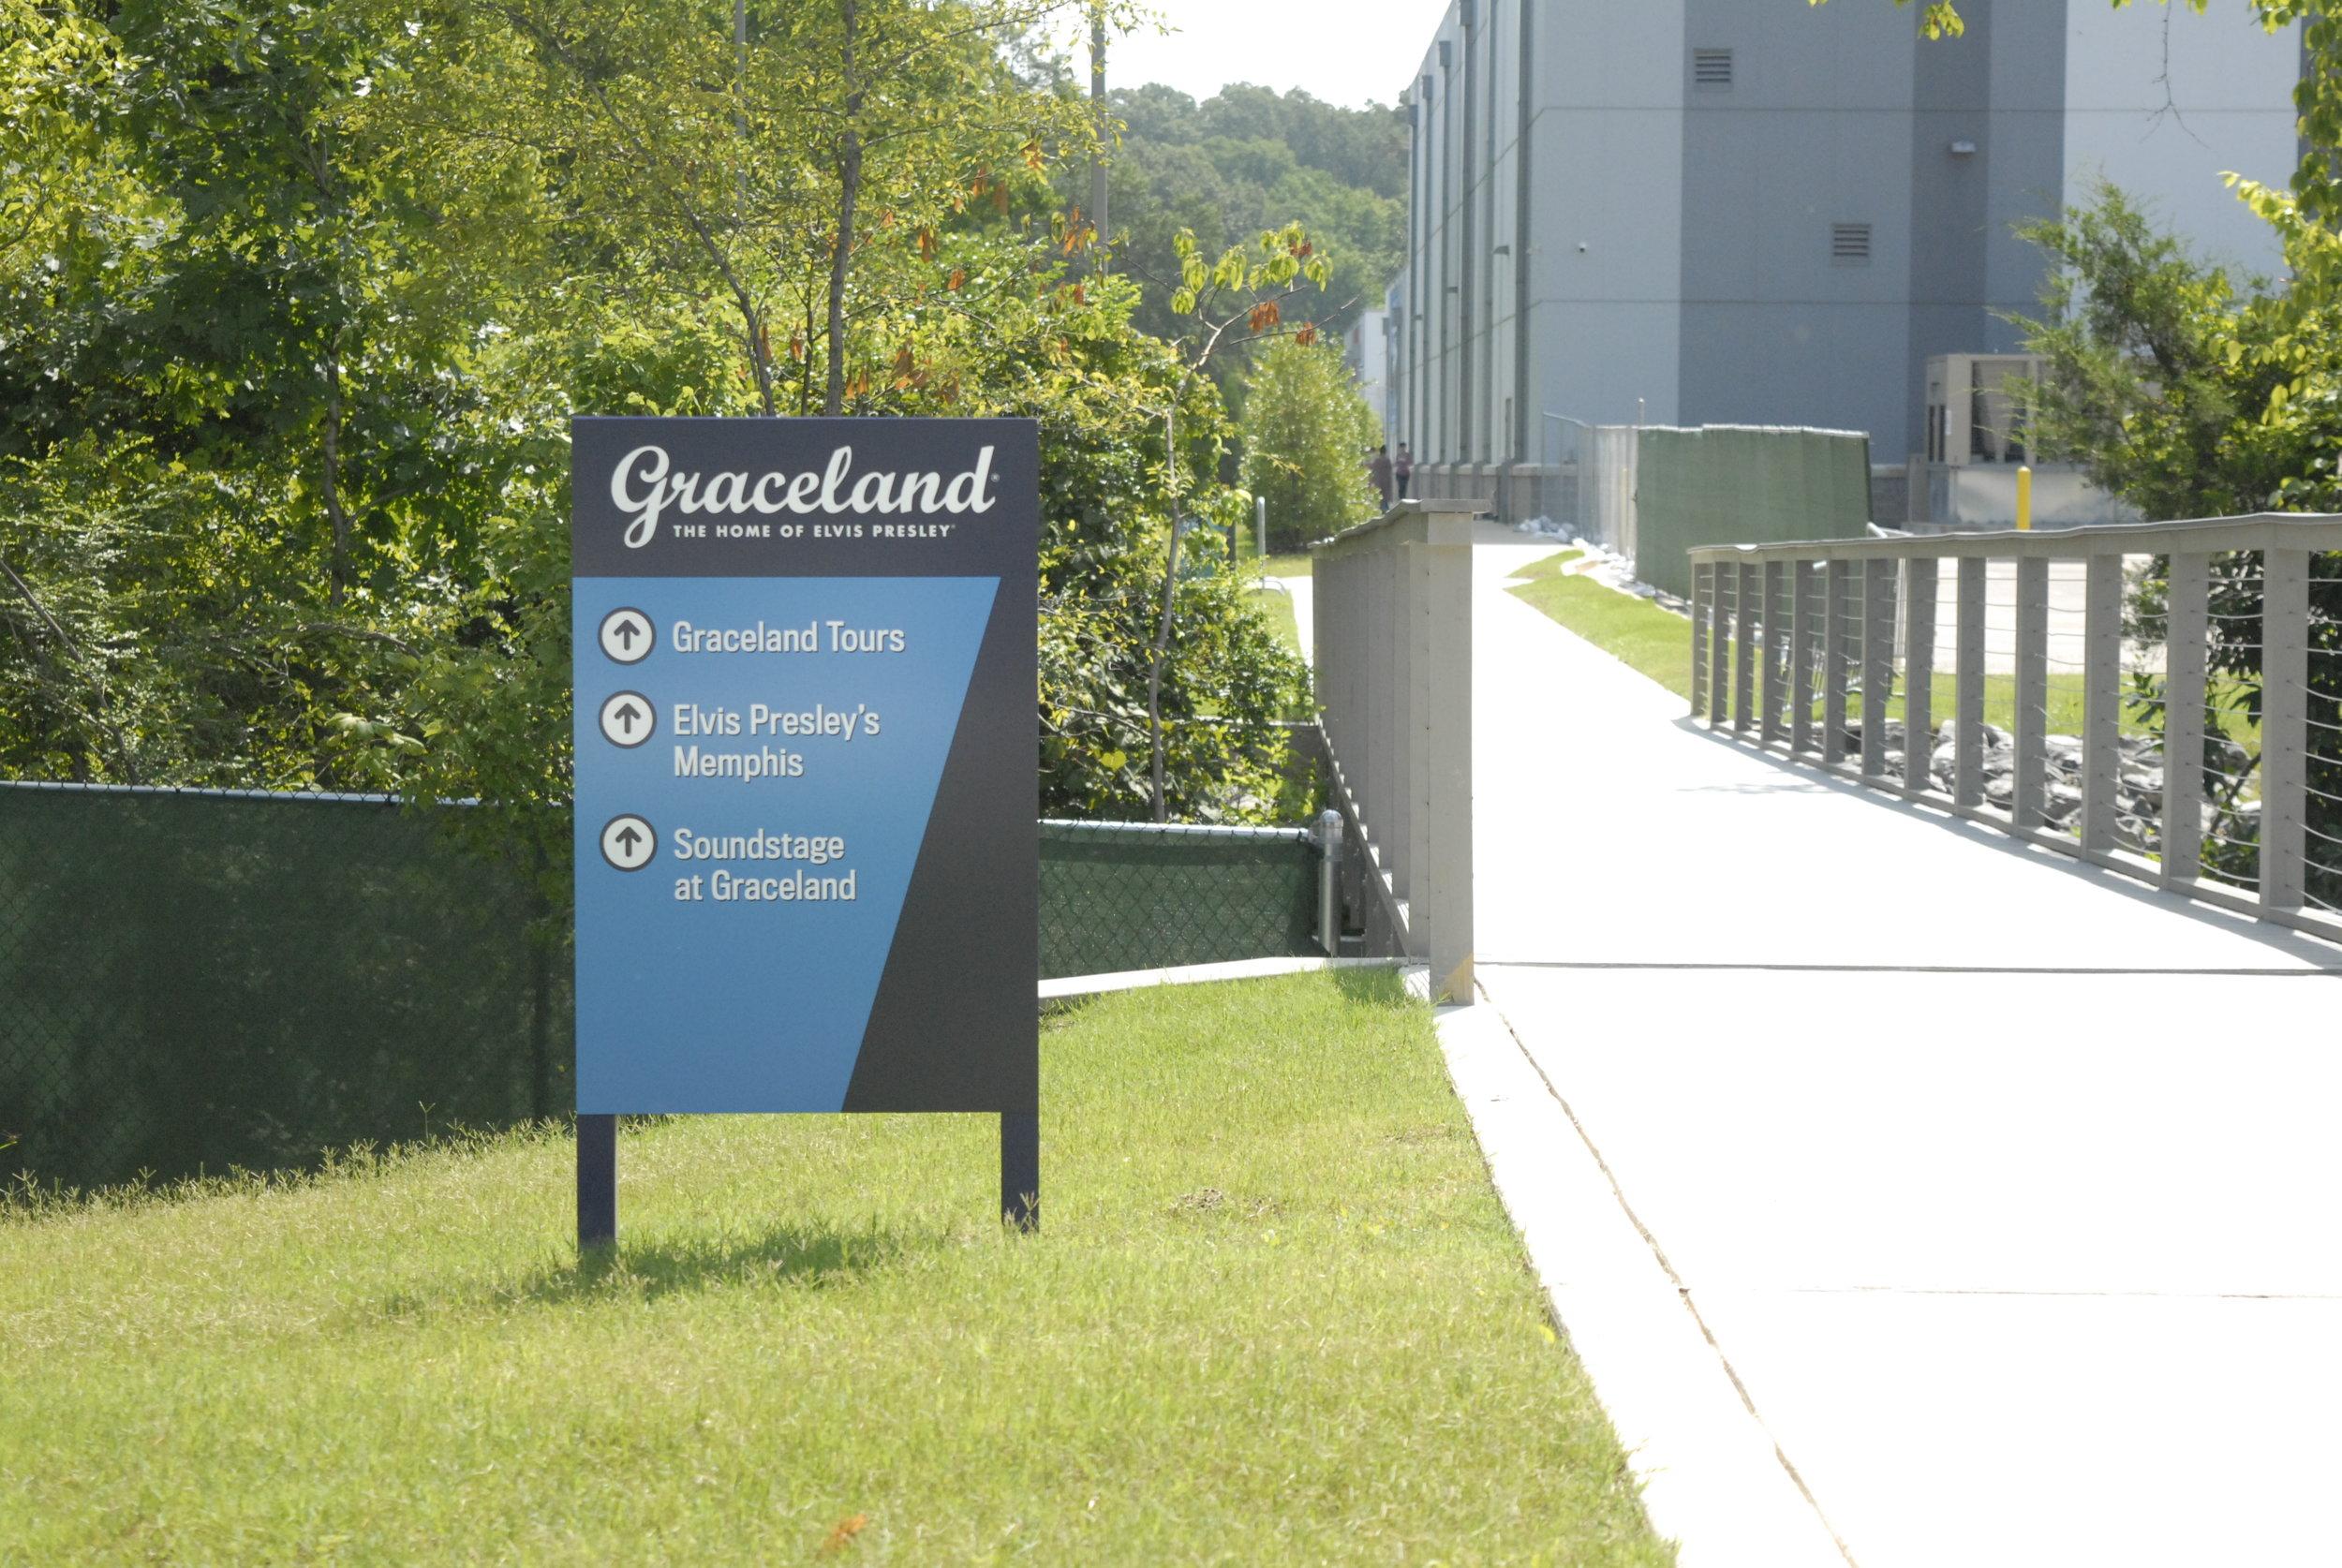 Graceland_Graceland-Exhibition-Center_Wayfinding_LSIGraphics_Memphis-TN-1 ..